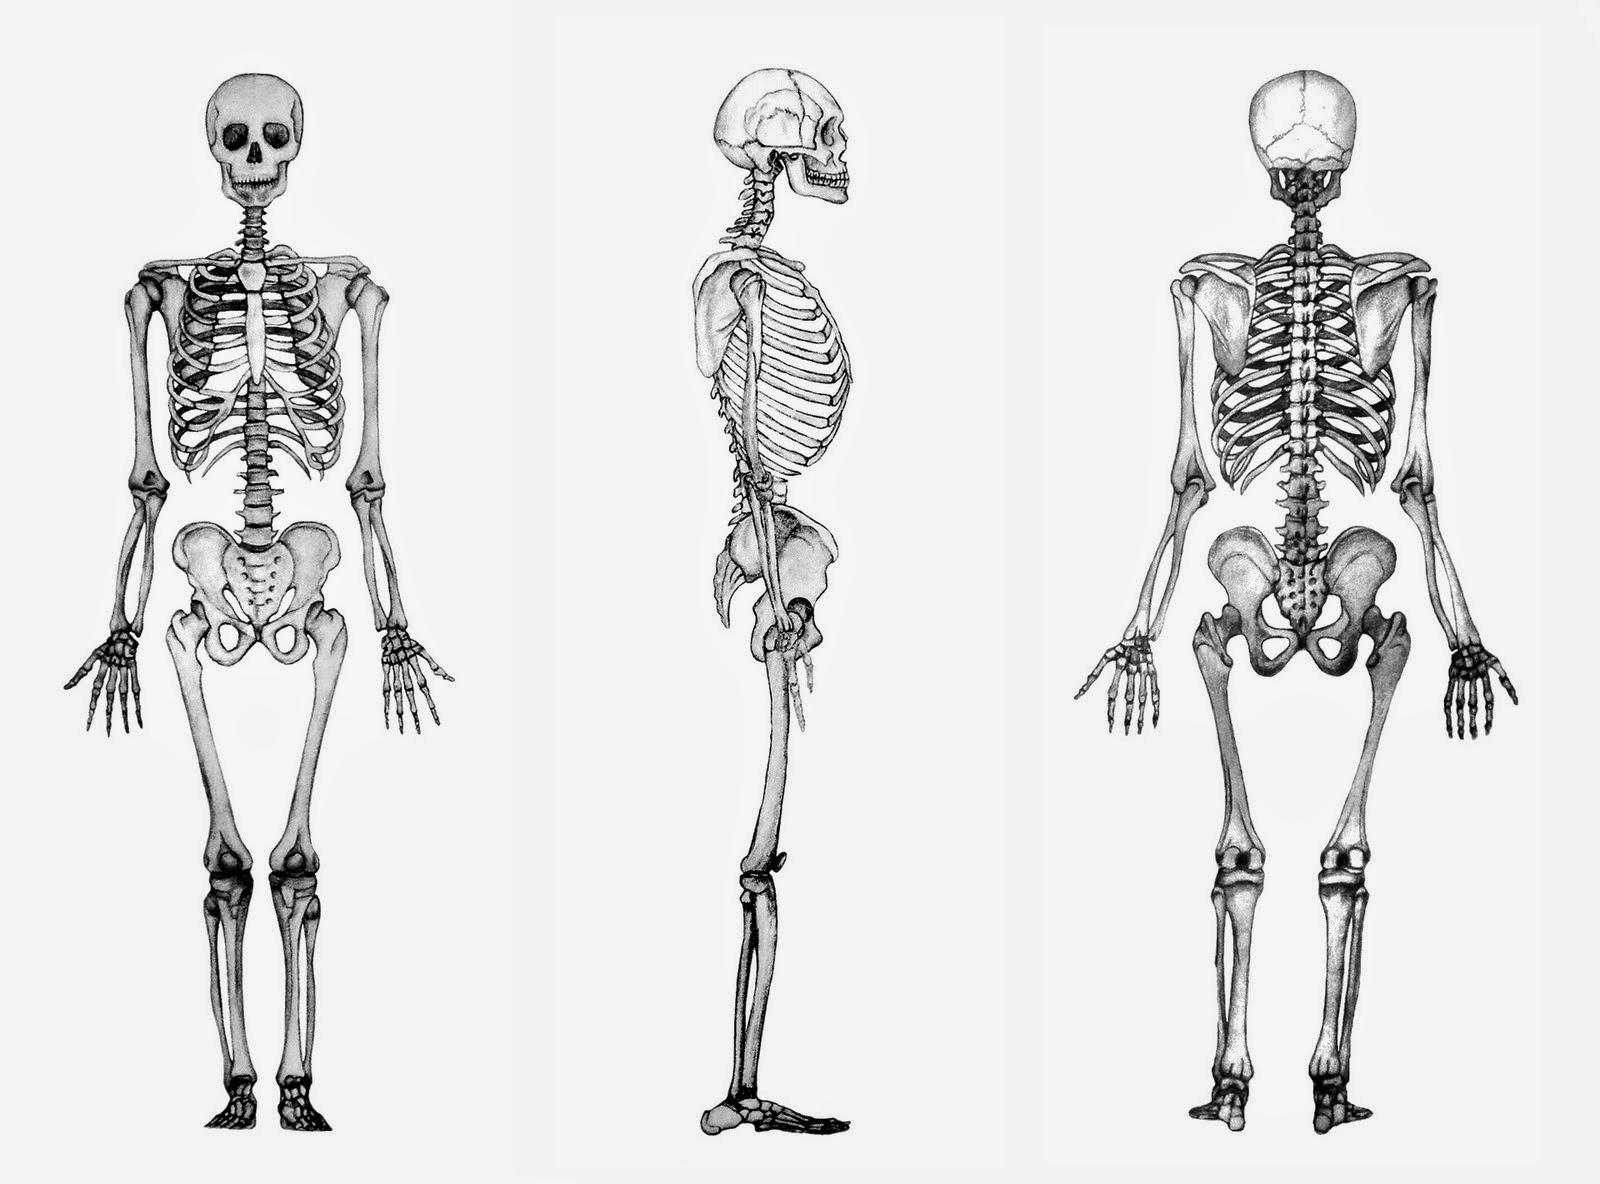 Paleolitico Noticioso: La agricultura hizo más frágiles los huesos ...